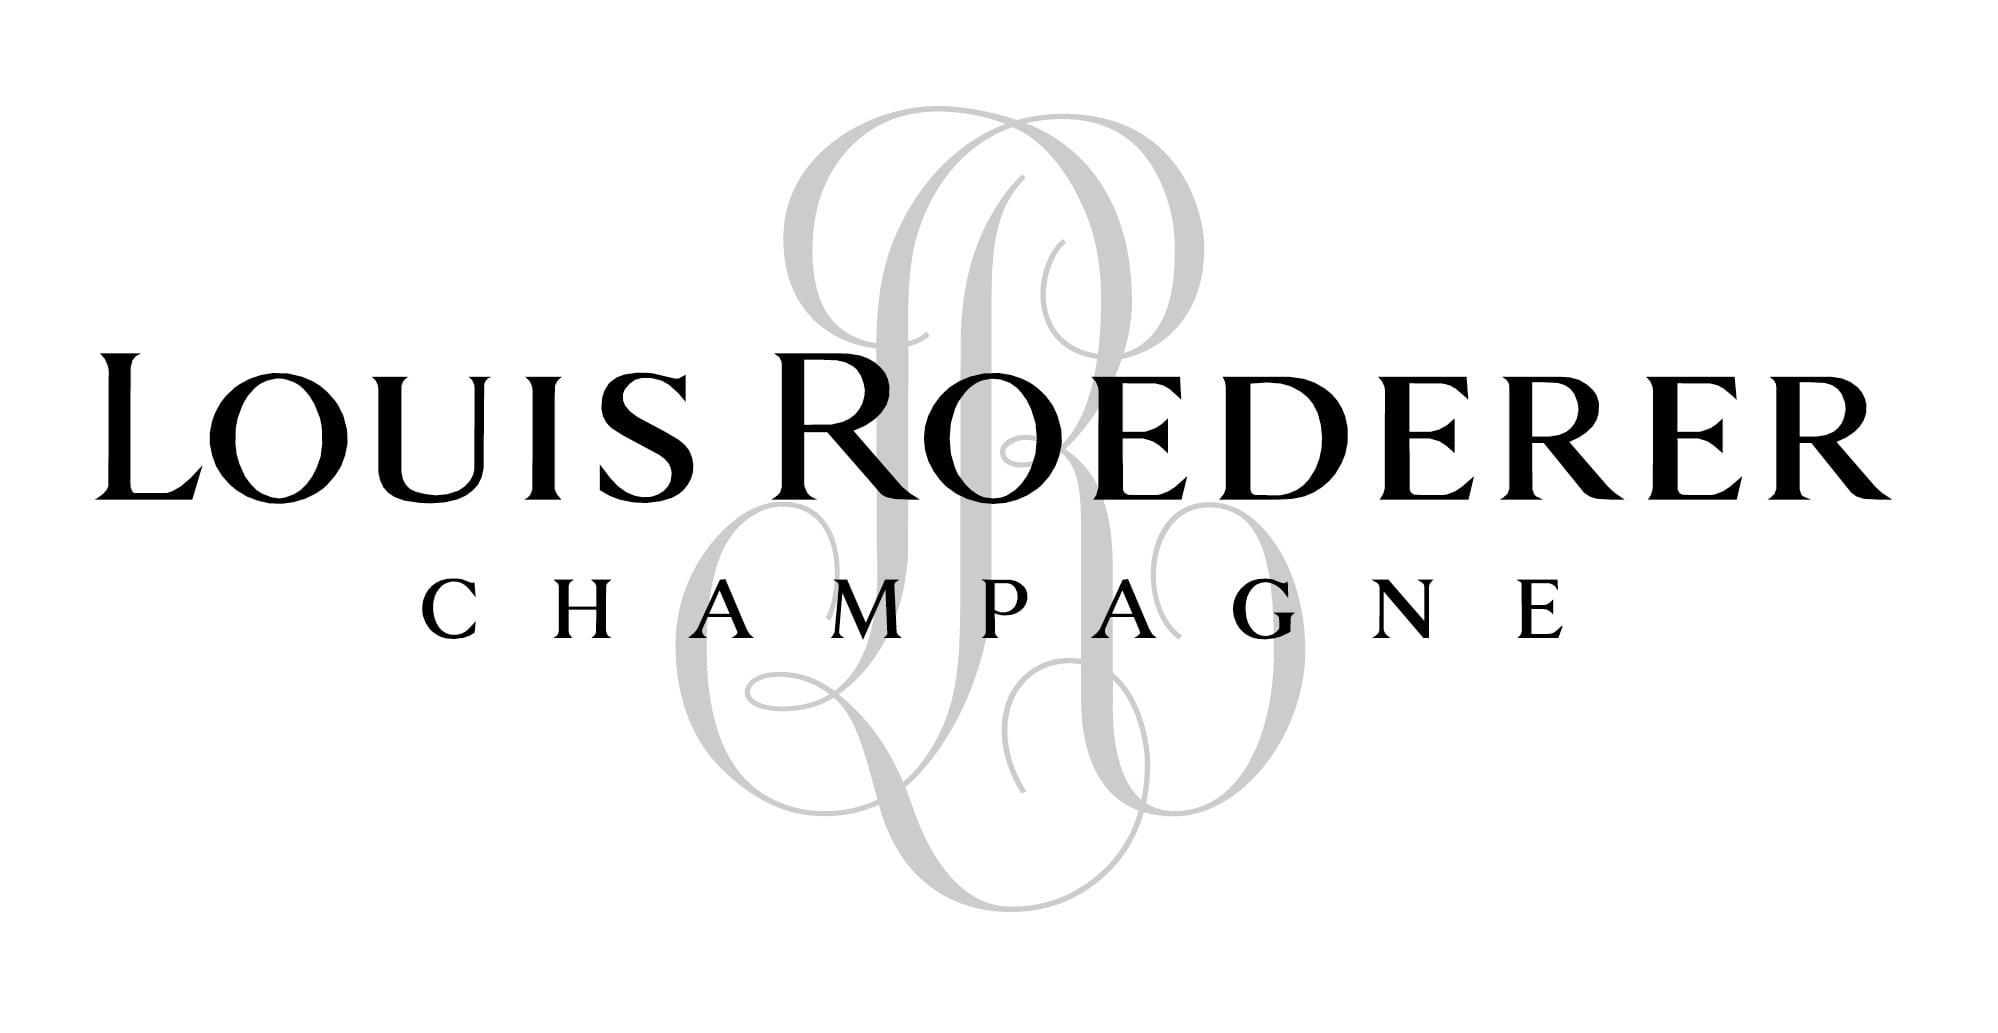 Champagne Louis Roederer zählt seit mehr als 200 Jahren zu den Top-Marken der Champagne mit einem besonders hohen Anteil von Trauben aus eigenen Weingärten.